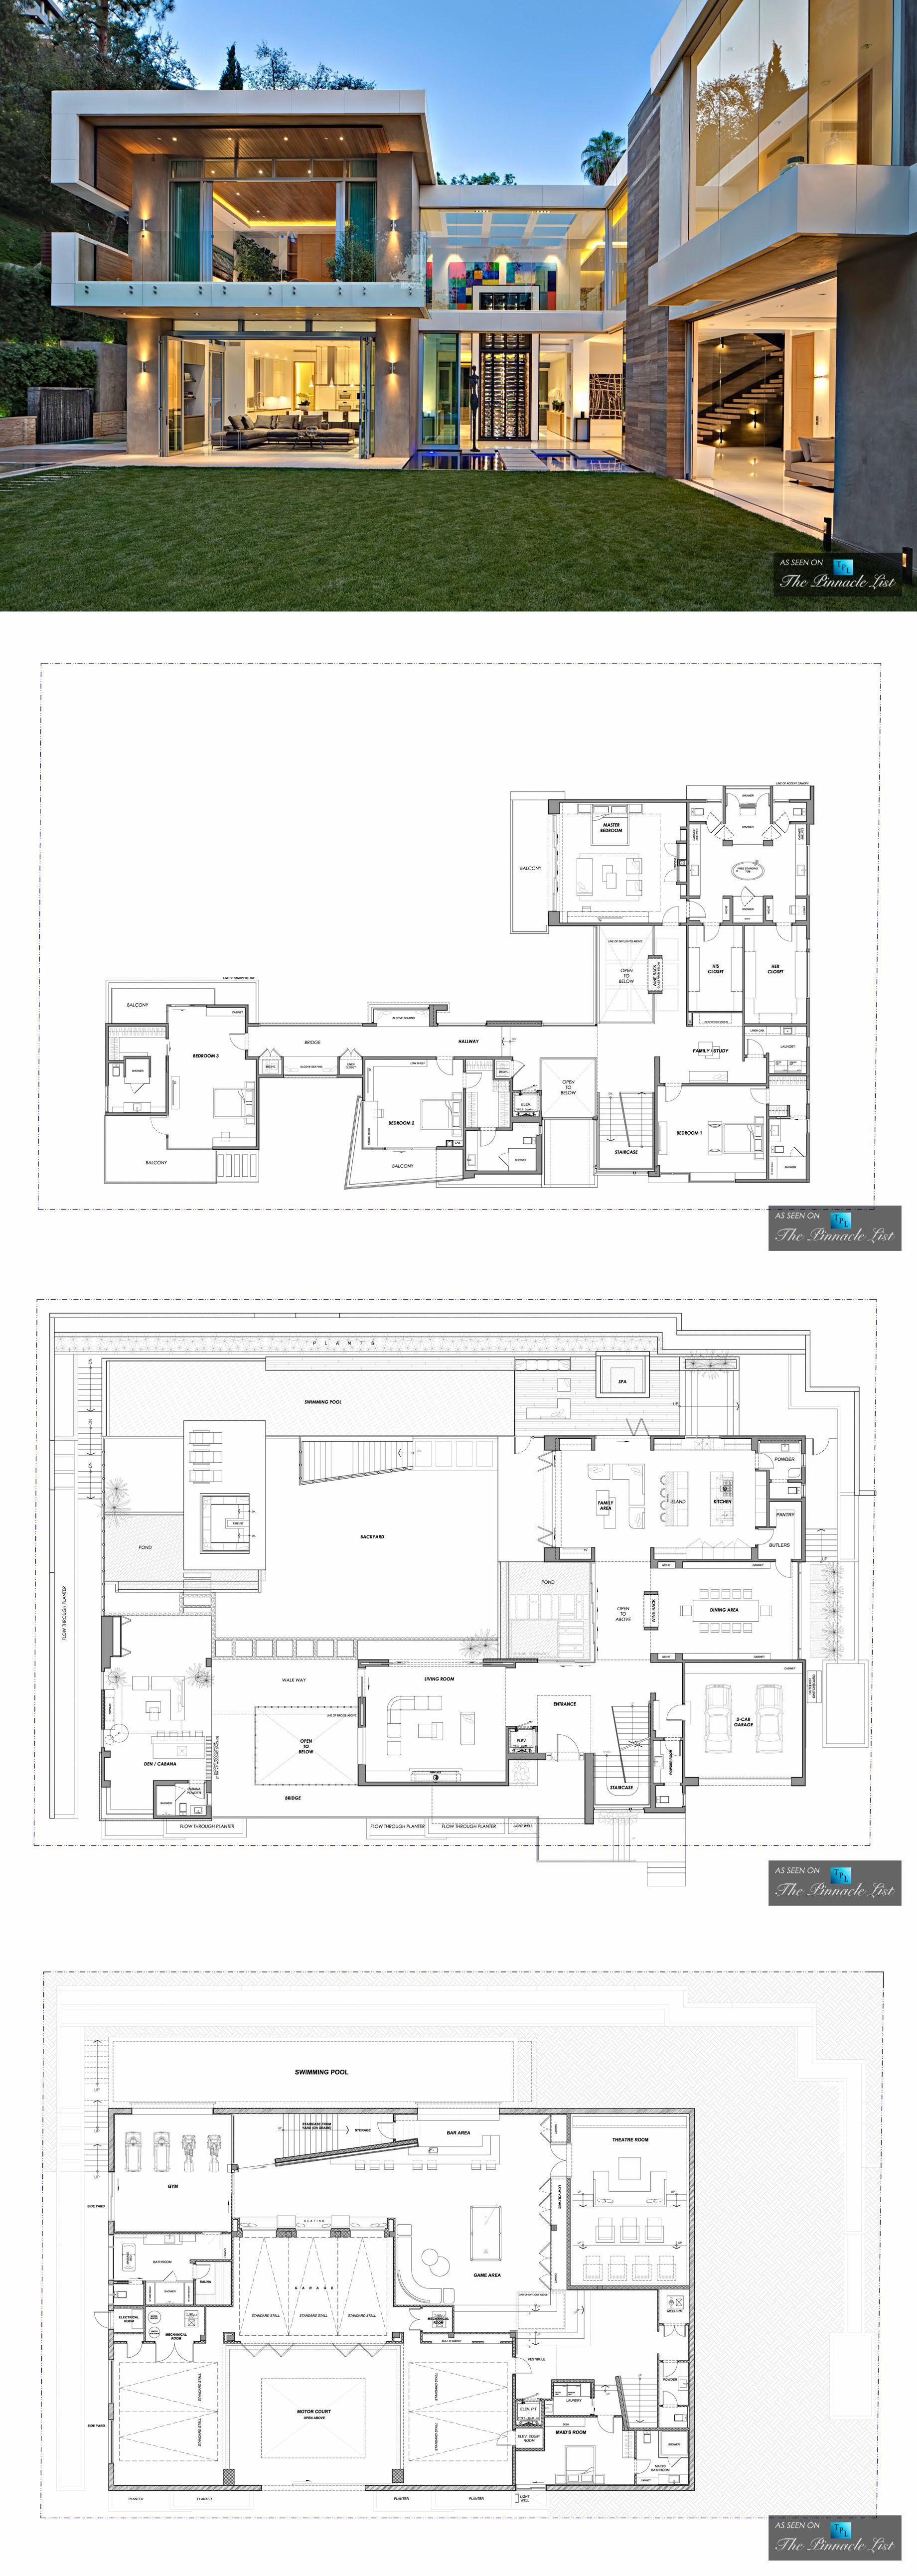 Luxury Residence 1307 Sierra Alta Way Los Angeles Ca House Layout Plans Luxury House Floor Plans Modern Floor Plans